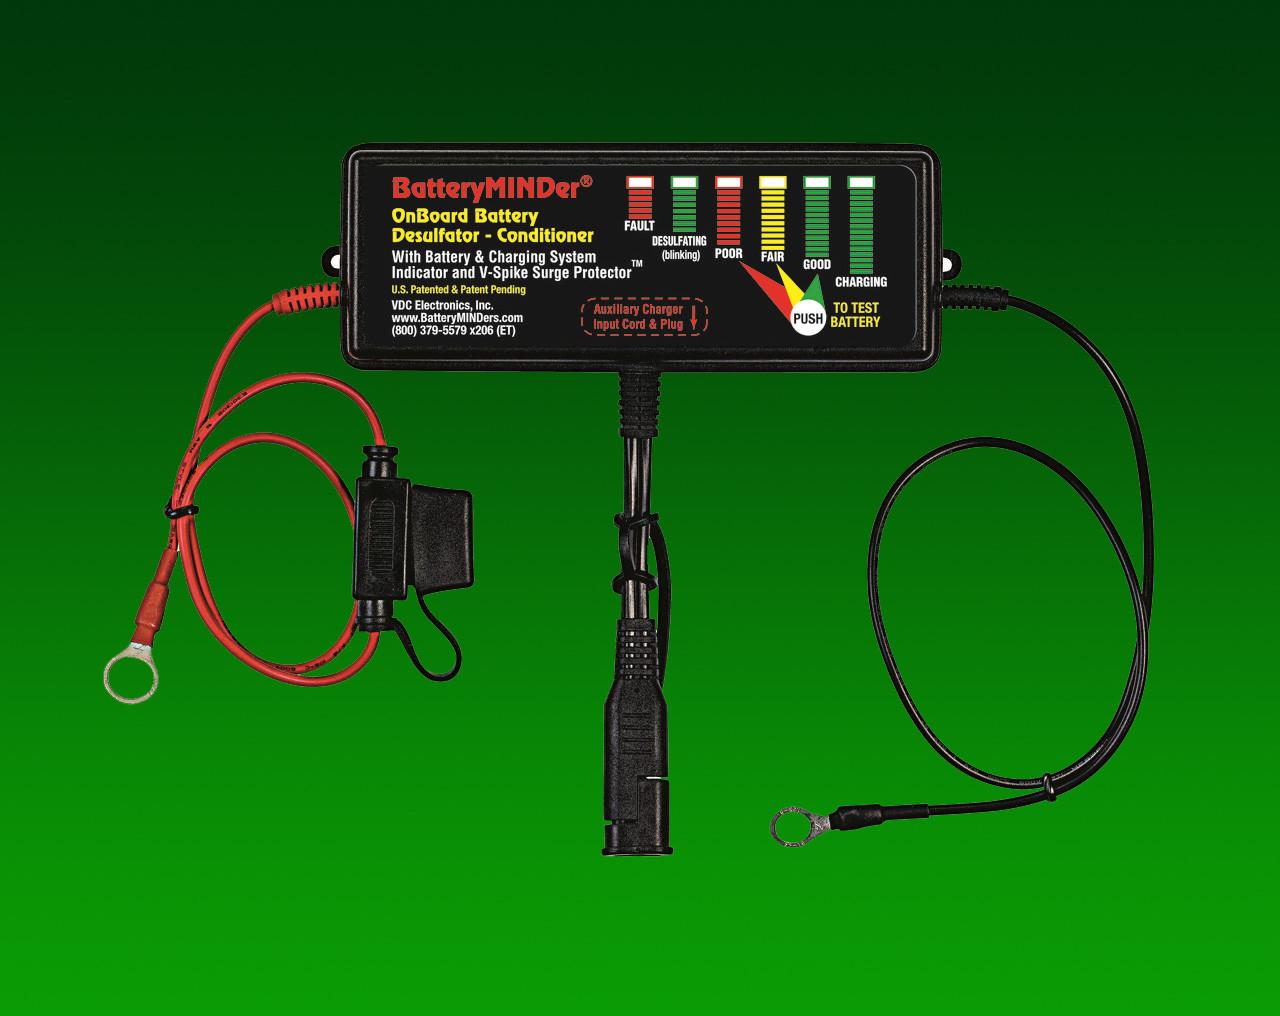 BatteryMINDer® Model OBD-48: 48V On-Board Desulfator